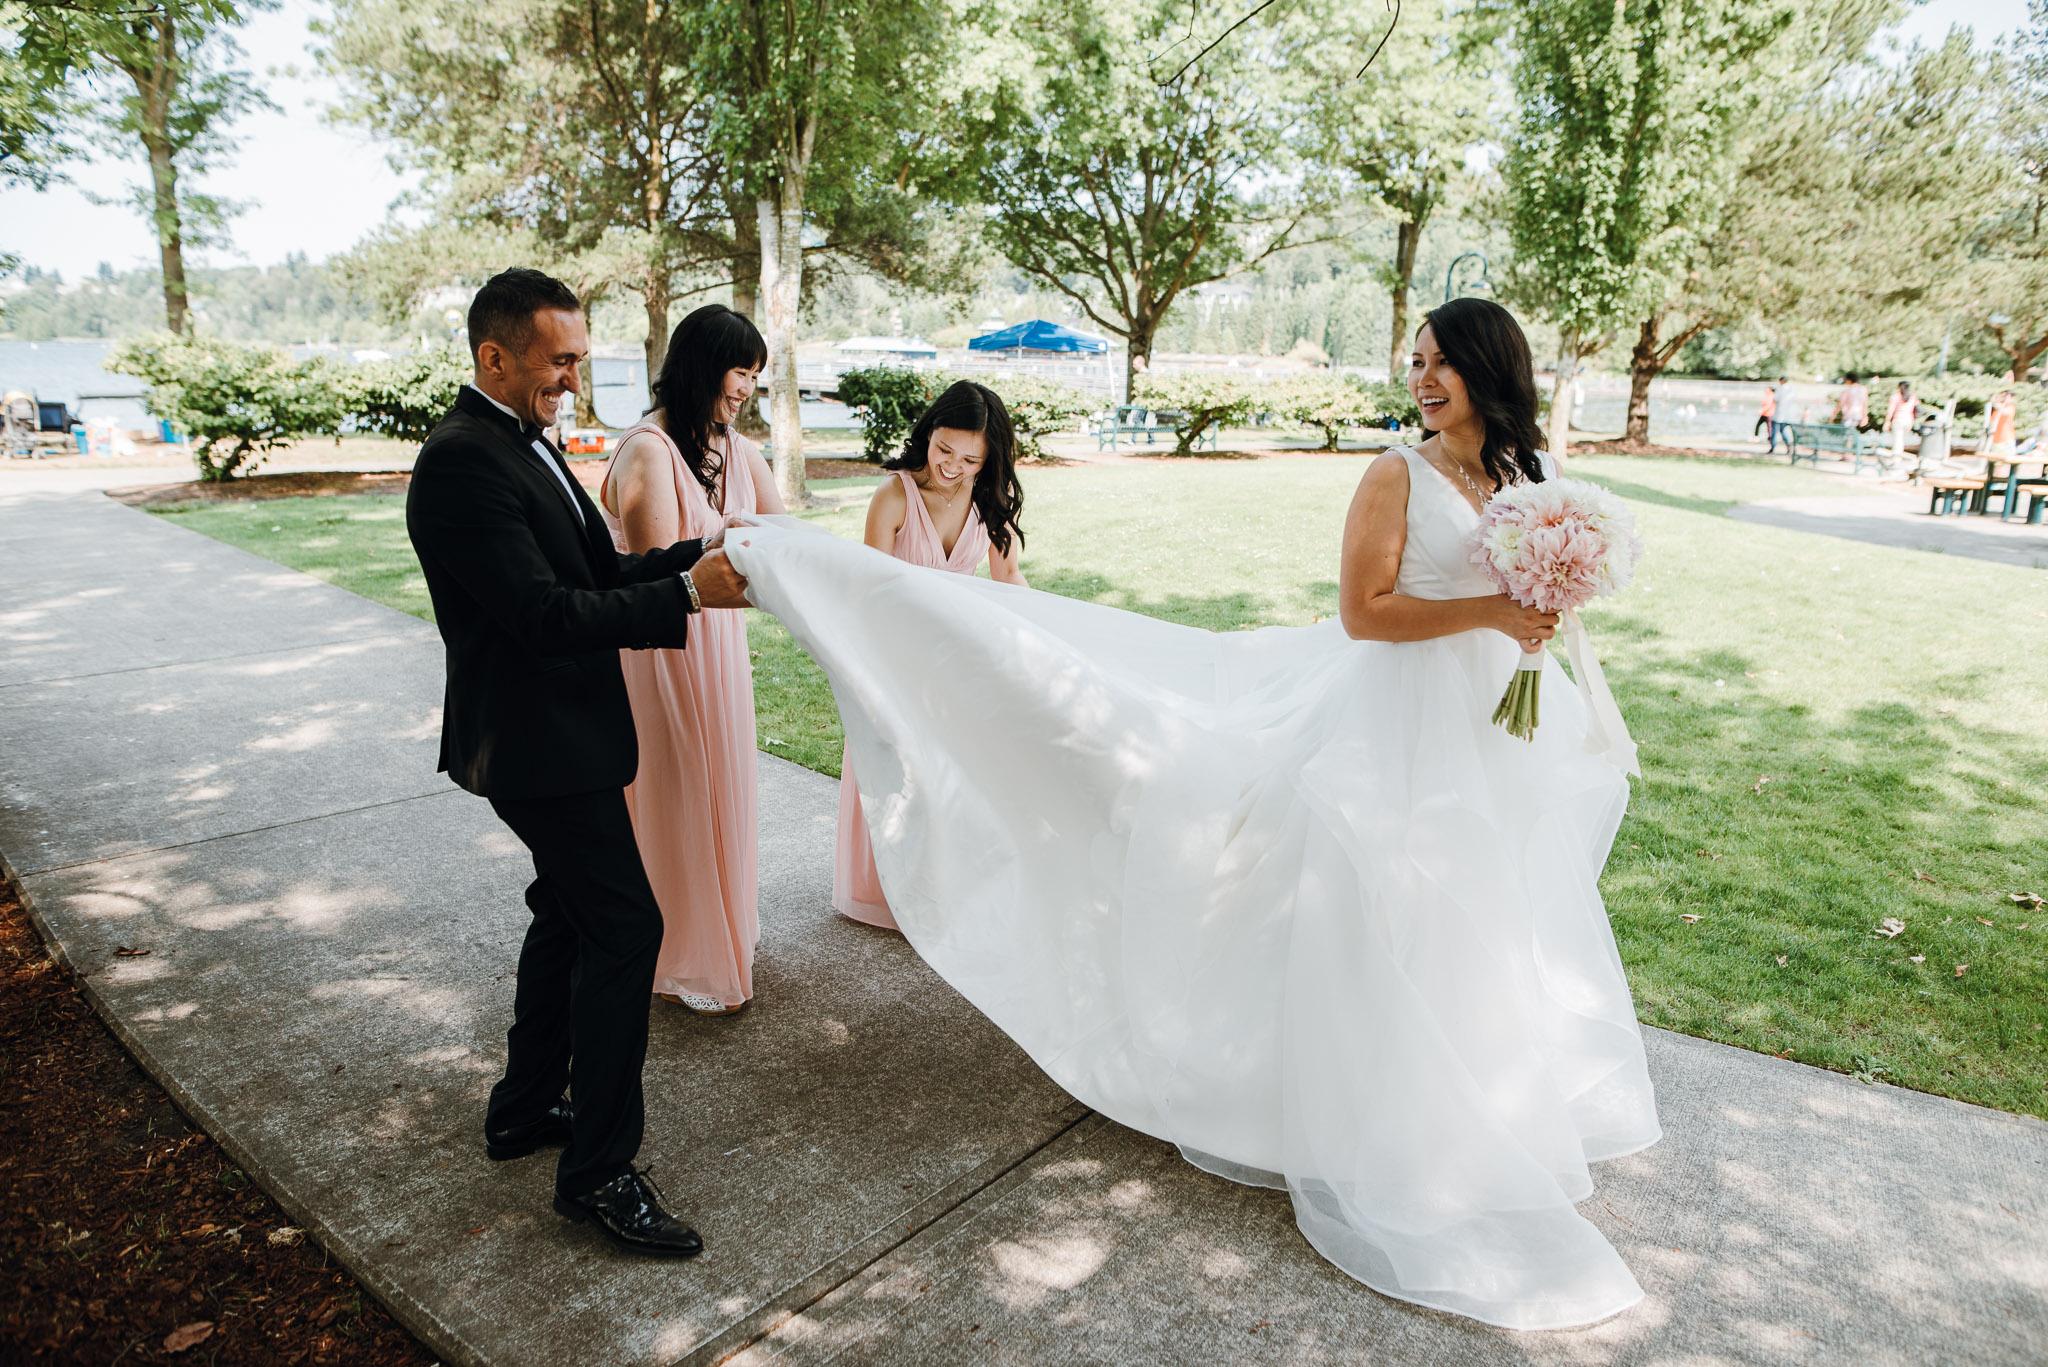 Hyatt-Regency-Lake-Washington-Wedding-Renton-Washington-0007.jpg